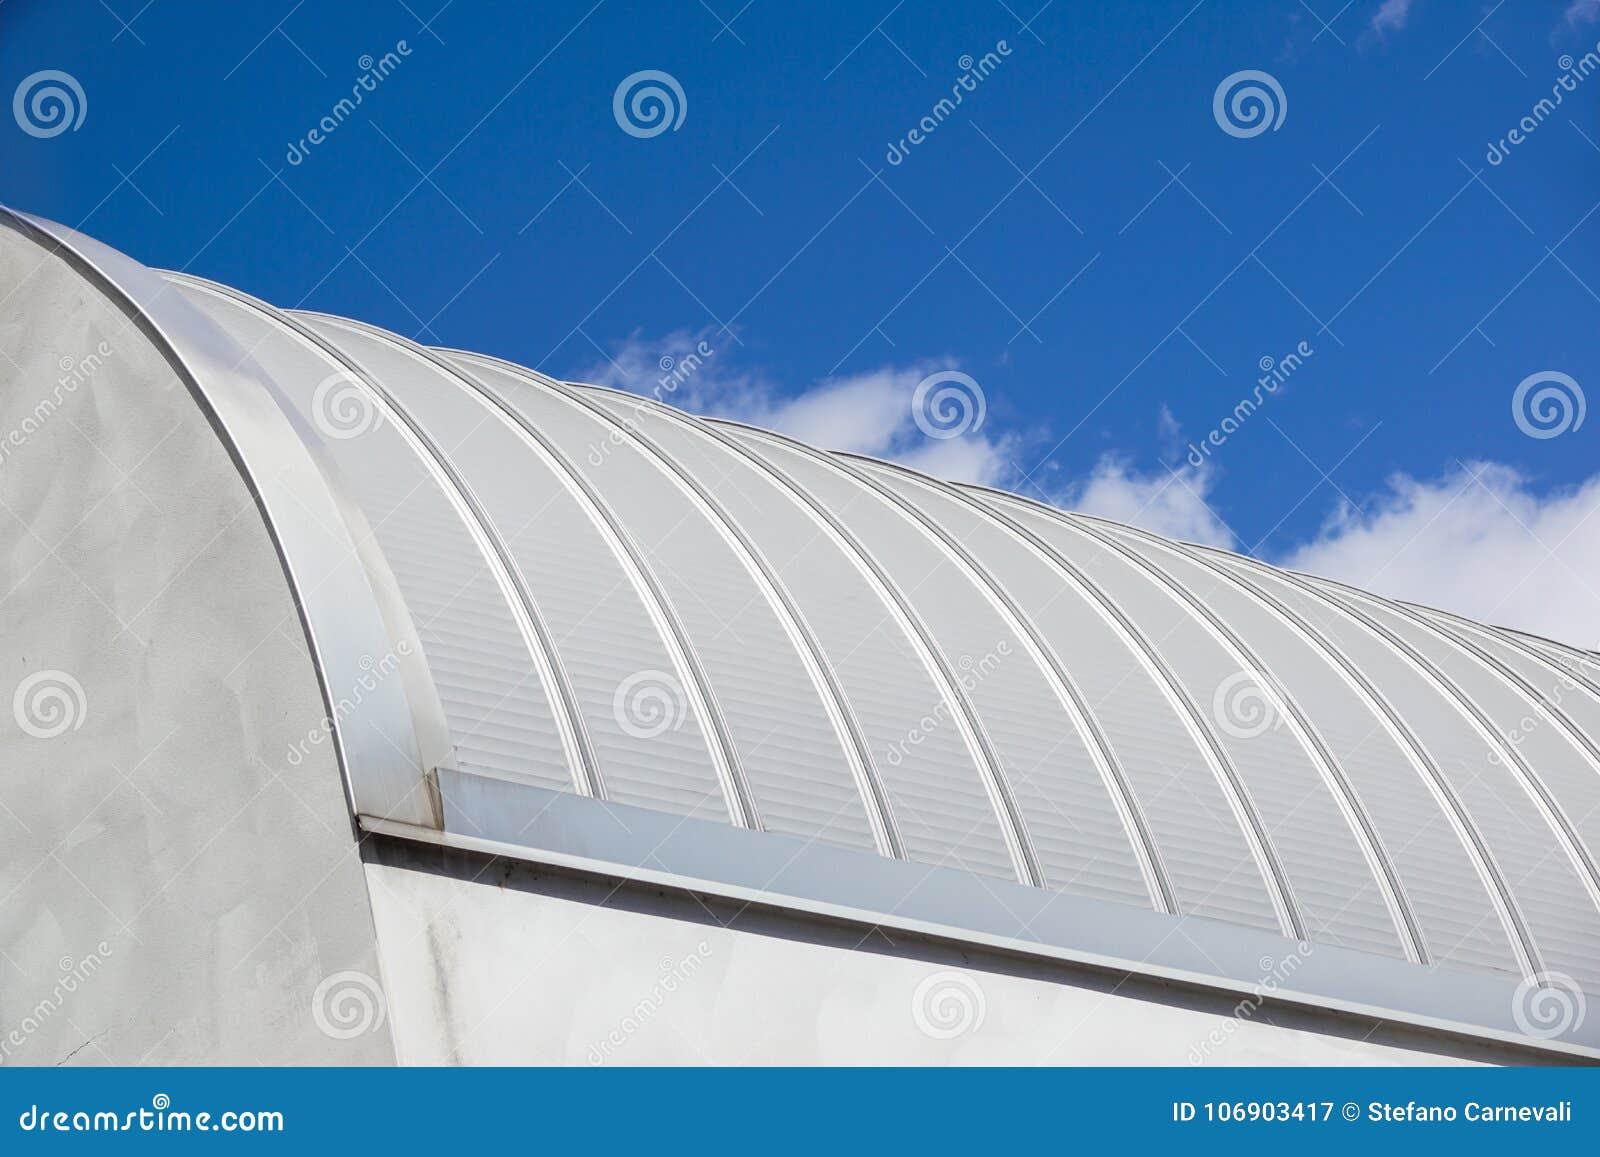 Nowoczesna konstrukcja Metal żebrujący piędzi dachowy nakrycie pięknie wyglądać na zewnątrz w młodych kobiet